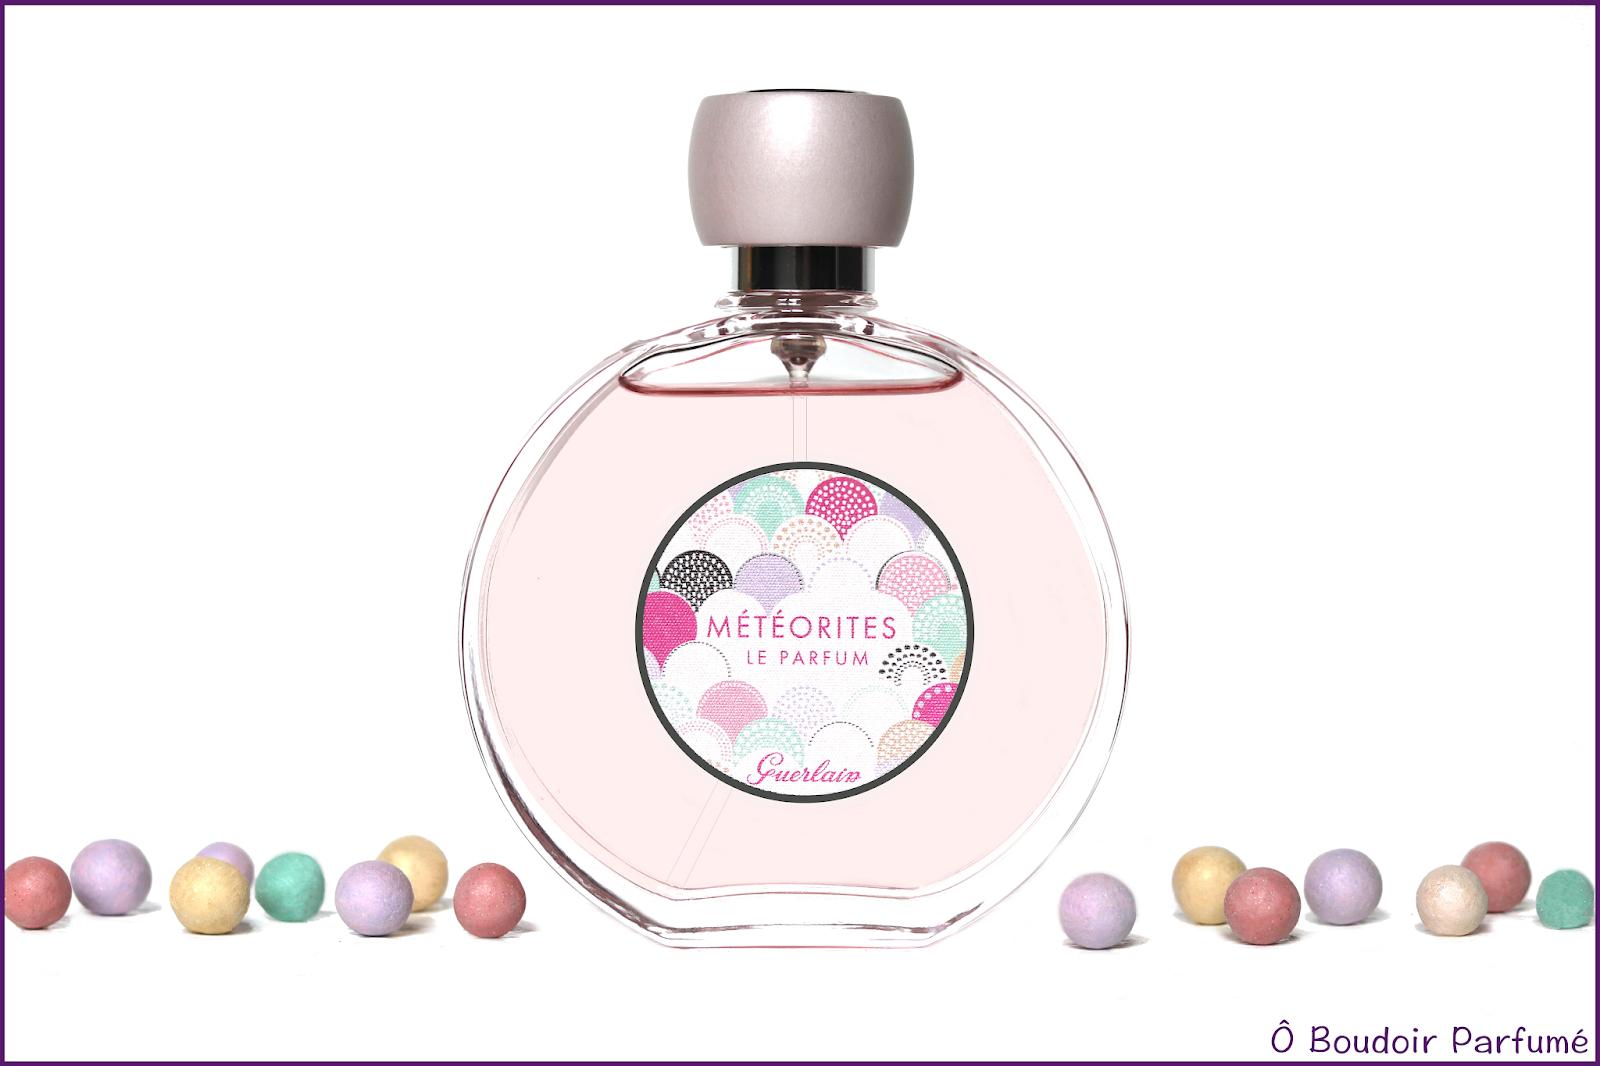 ô Boudoir Parfumé Météorites Le Parfum De Guerlain Une Réplique